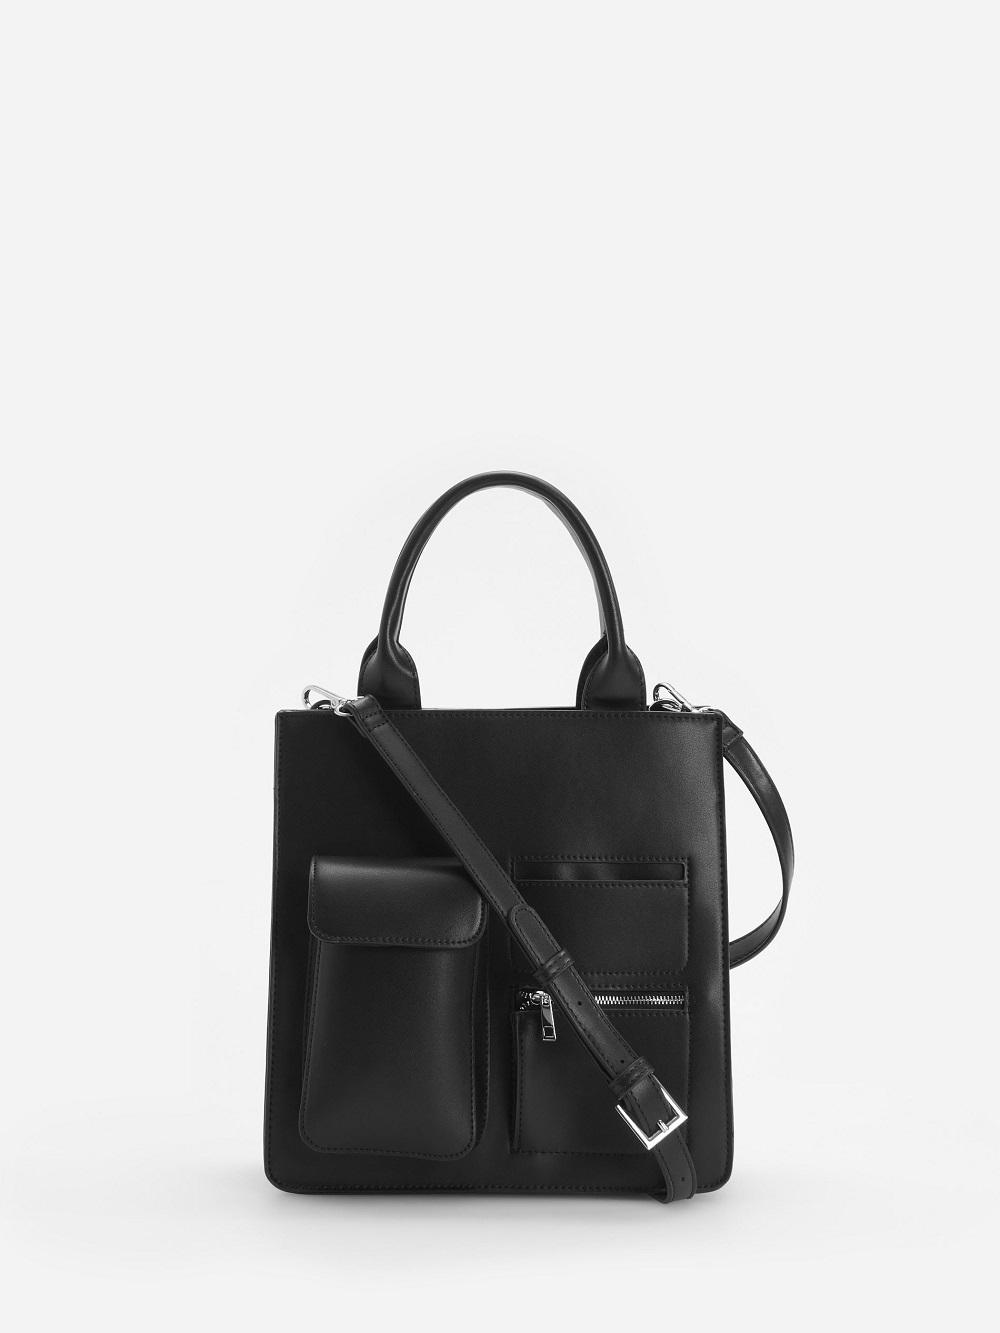 7 savršenih Reserved crna tote torba 2021.